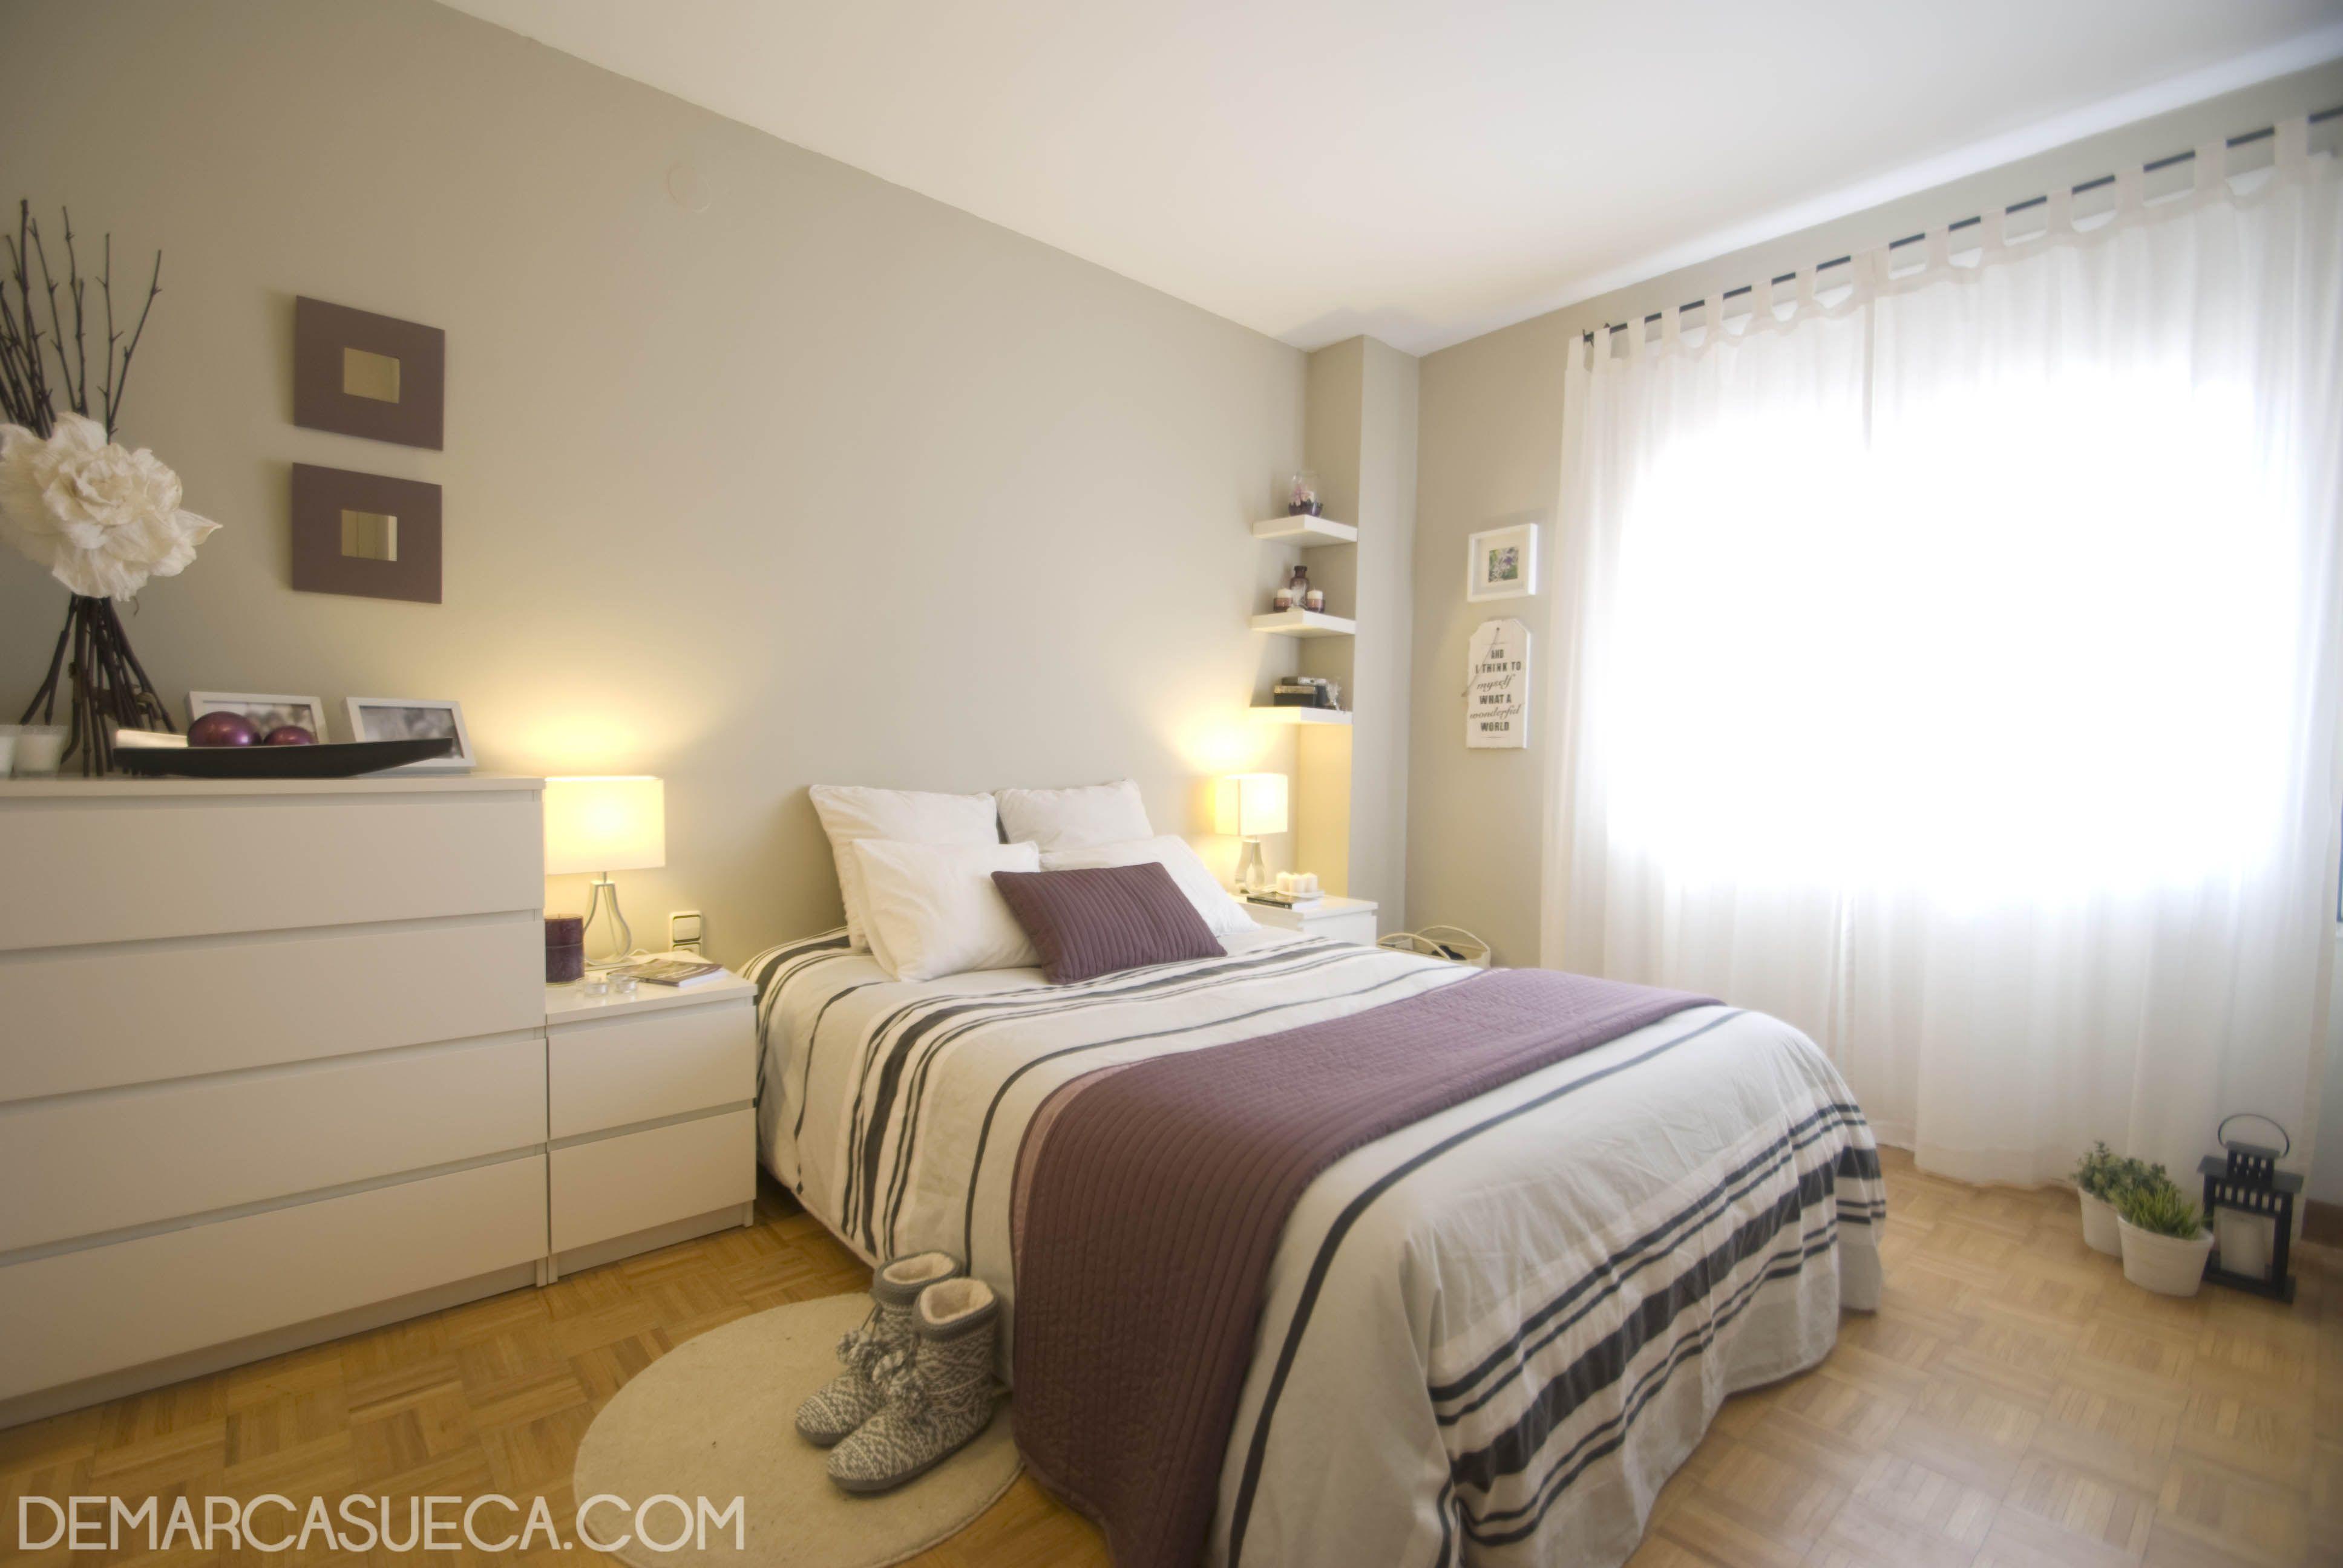 Habitaci n de matrimonio con mobiliario malm de ikea for Amueblar habitacion matrimonio